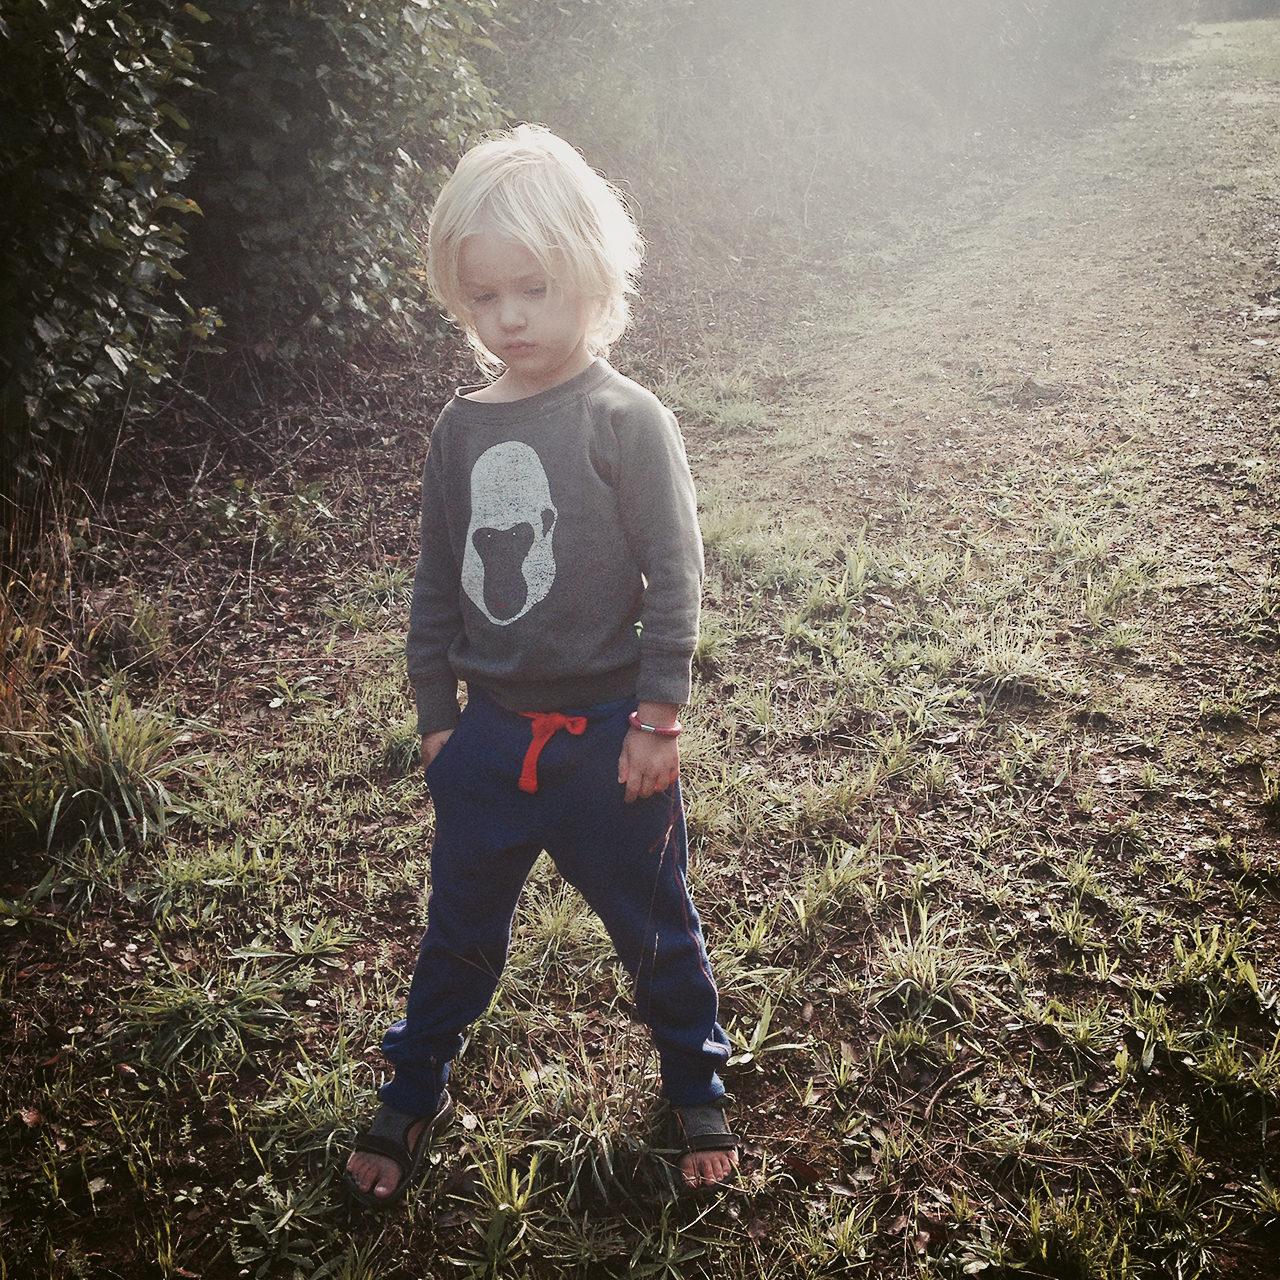 capaz-mirandakoopman-portretfotografie-kinderen-3161